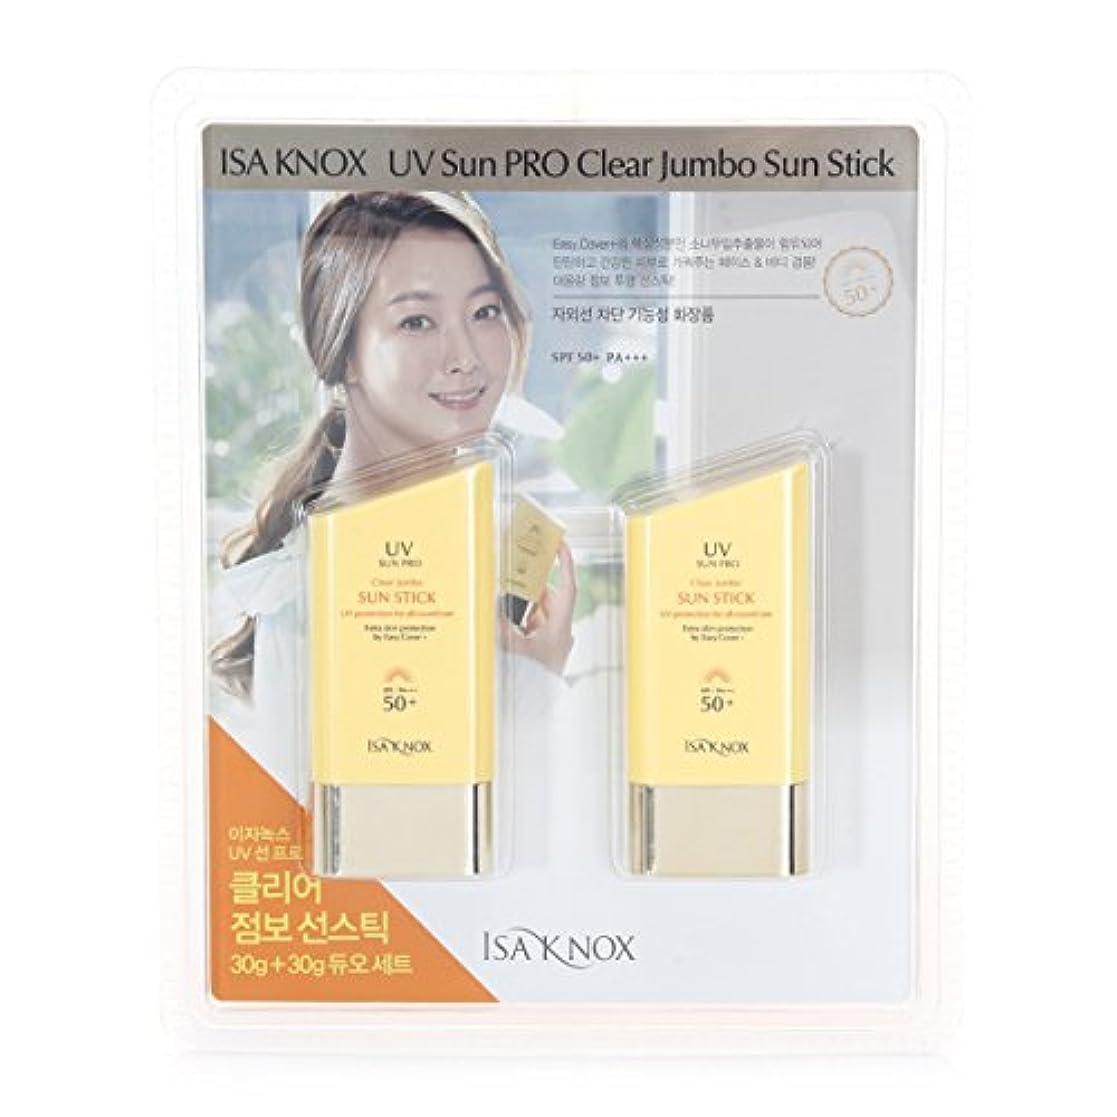 週間純粋に声を出して[イザノックス / ISA KNOX] UVサンプロクリアジャンボサンスティック 30g×2個セット / ISA KNOX Sun Pro Clear Jumbo Sun Stick / SPF50+ PA++ / クリアスティック...